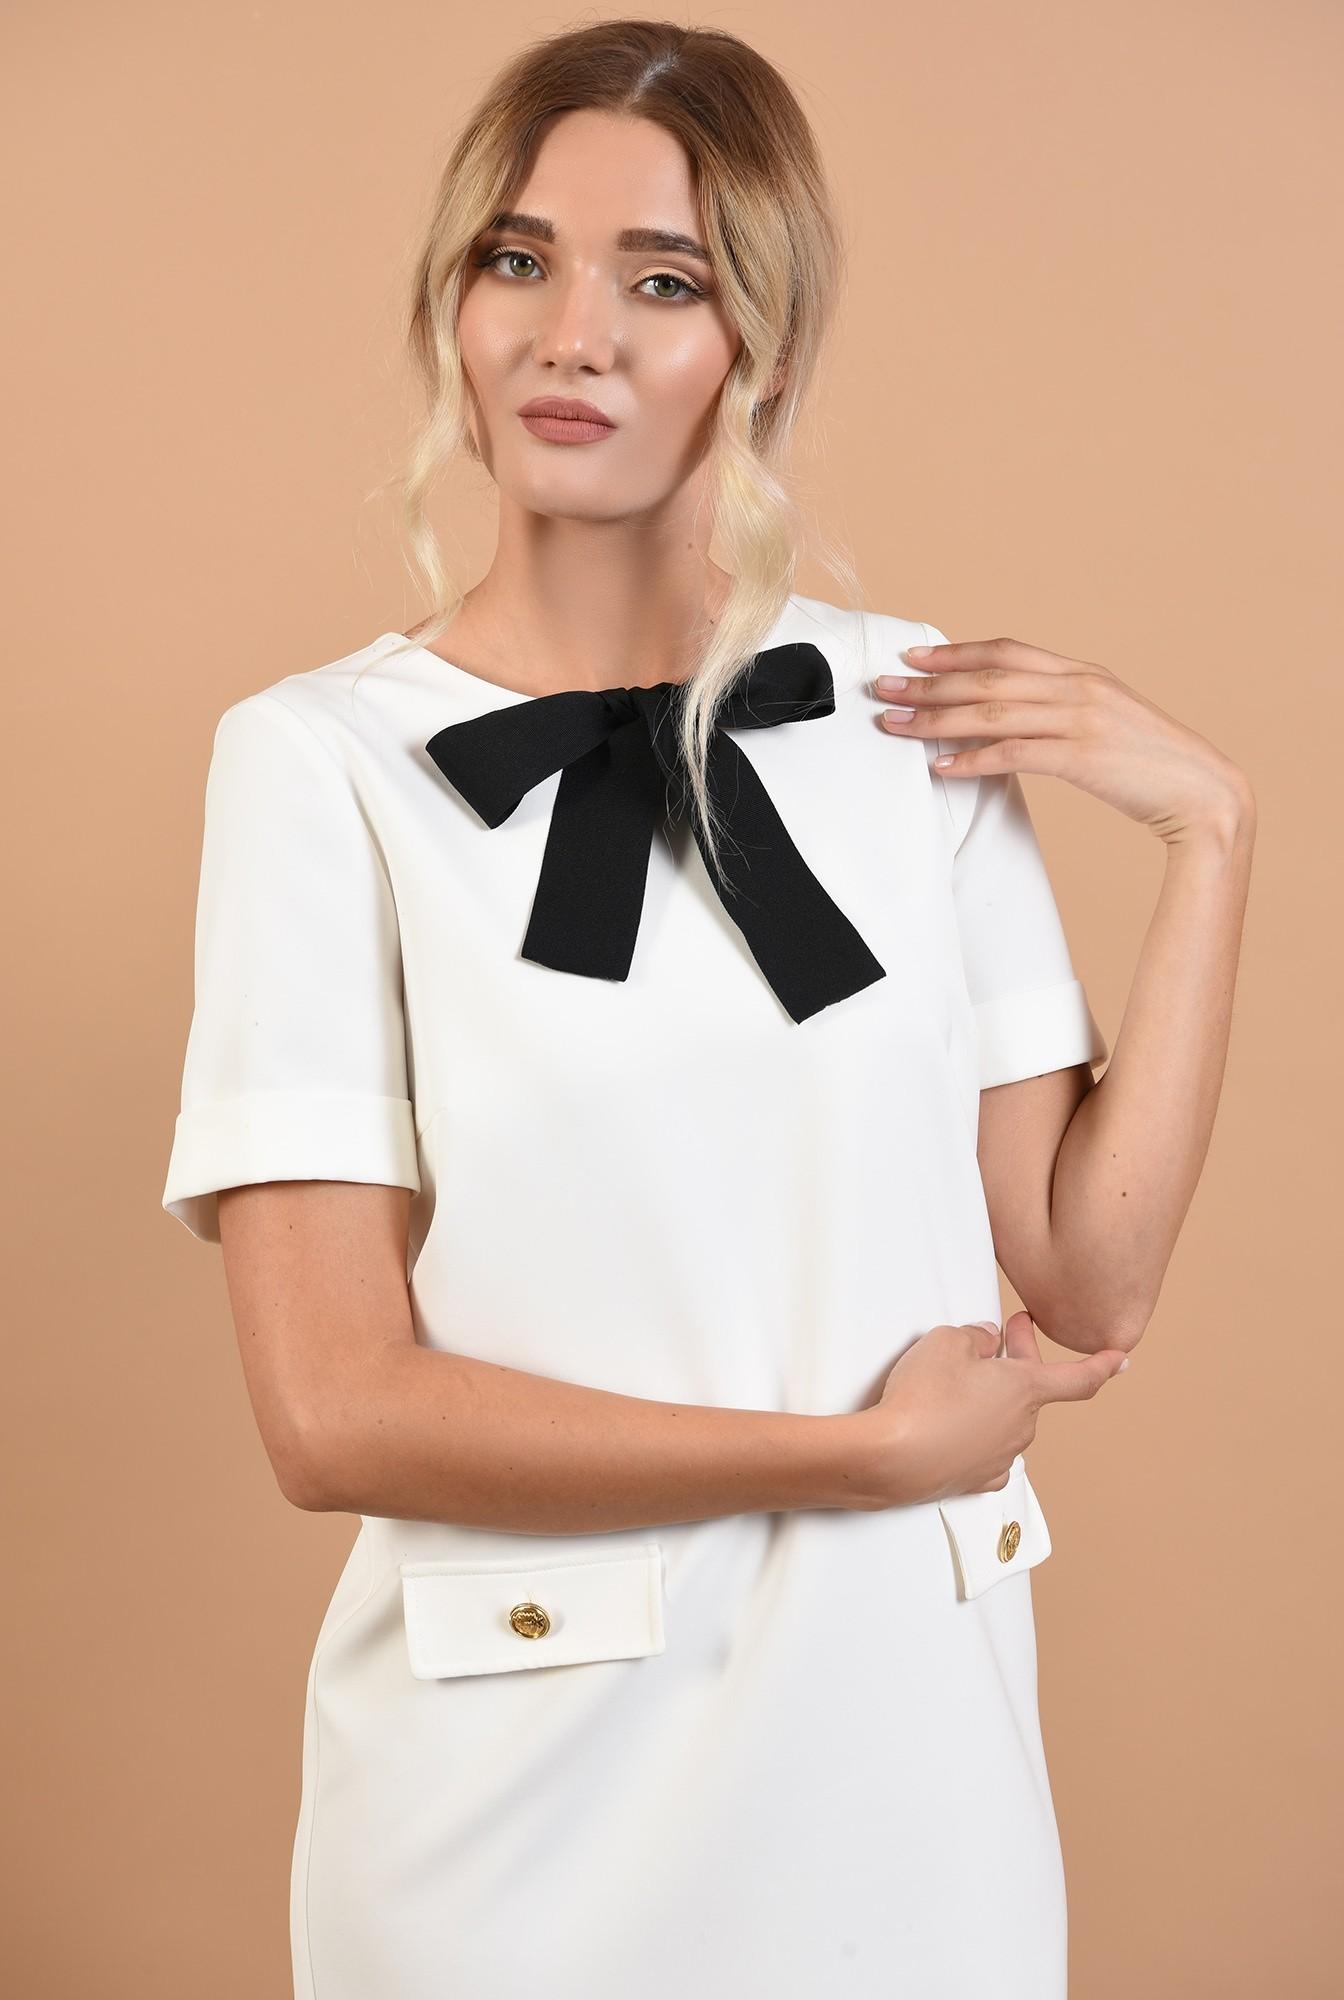 2 - rochie office, mini, dreapta, funda din rips, alb-negru, clape decorative